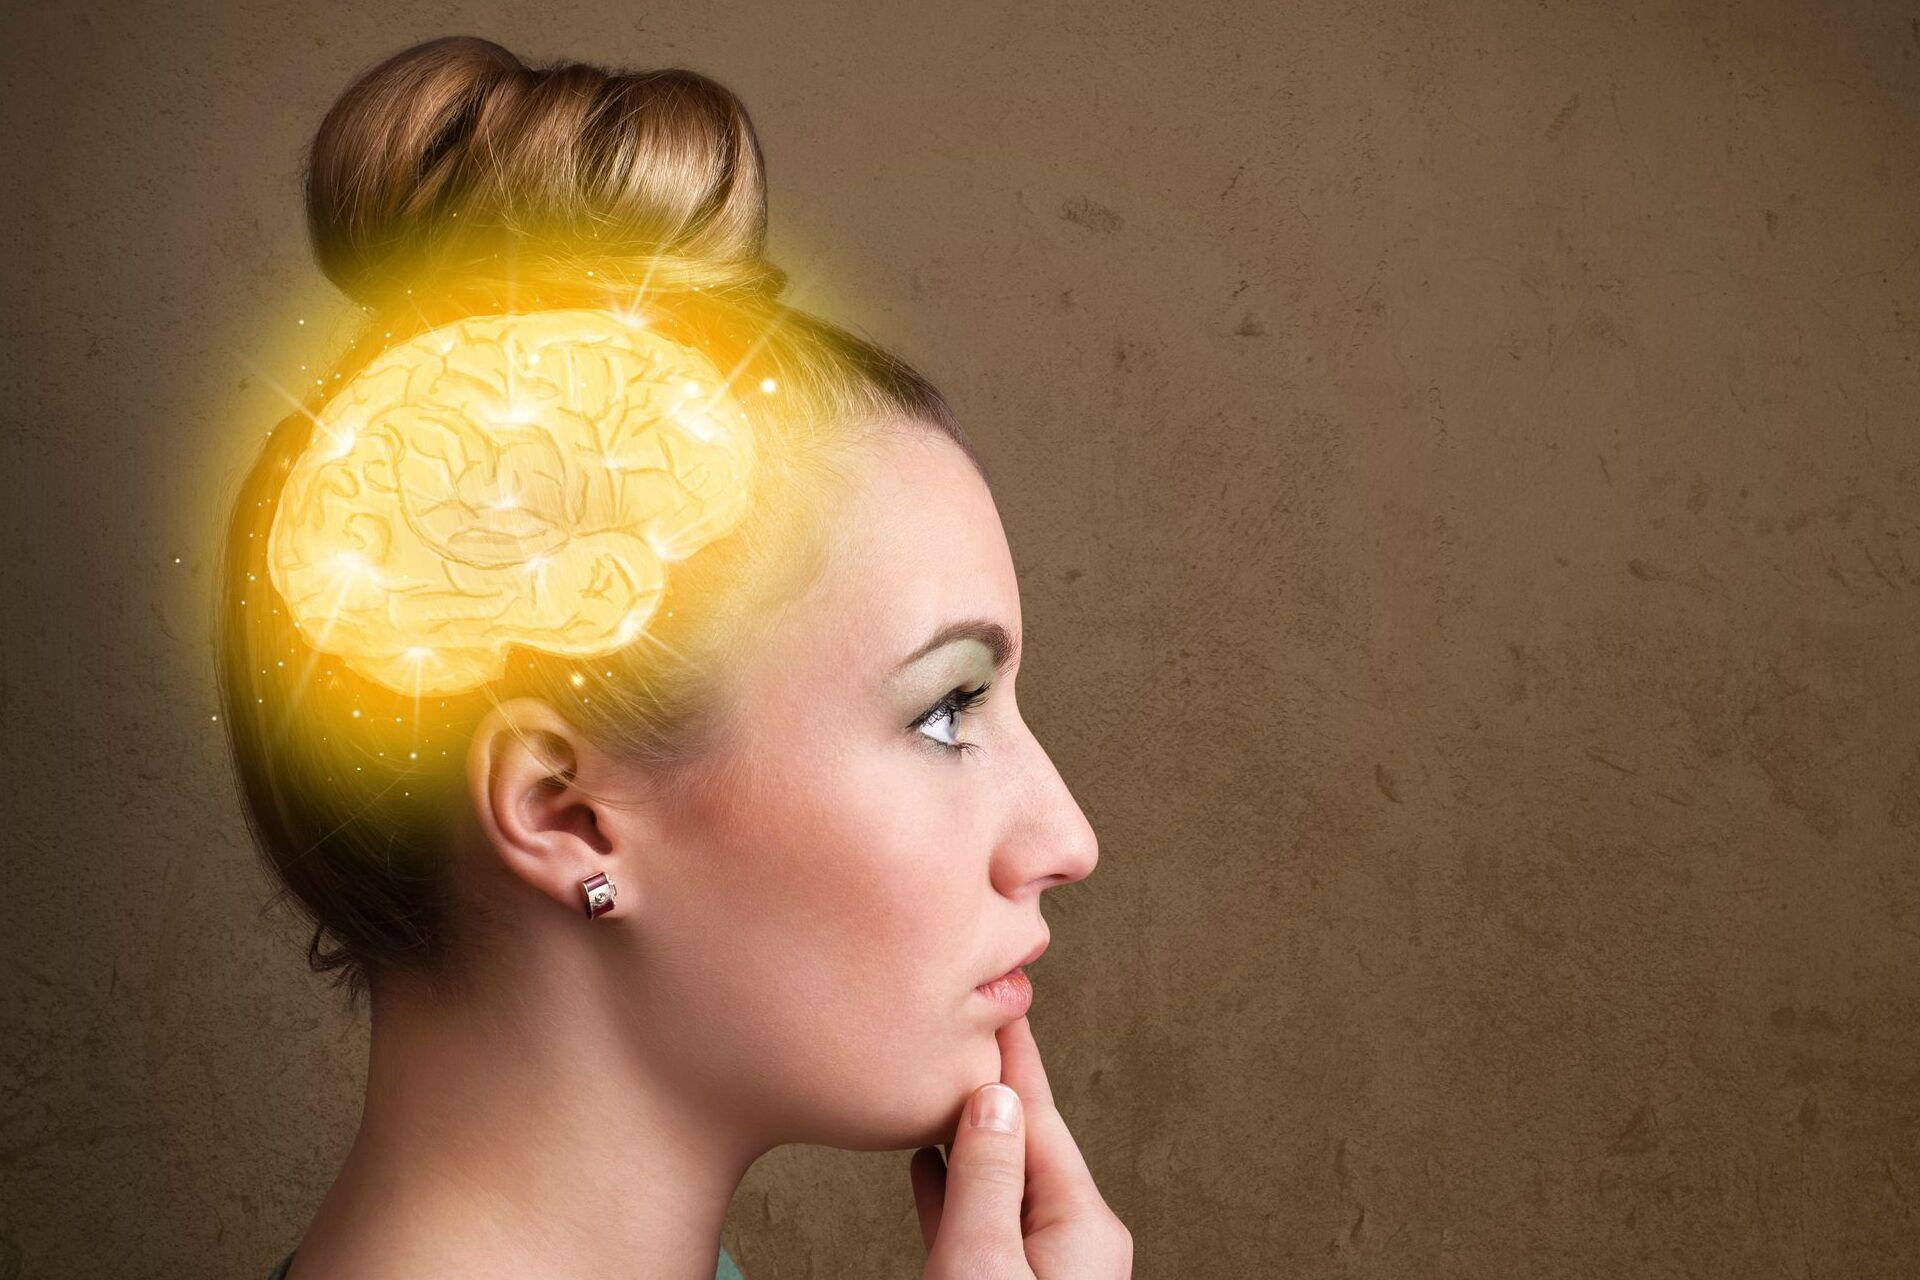 8 coisas que todo homem deveria saber sobre o cérebro das mulheres